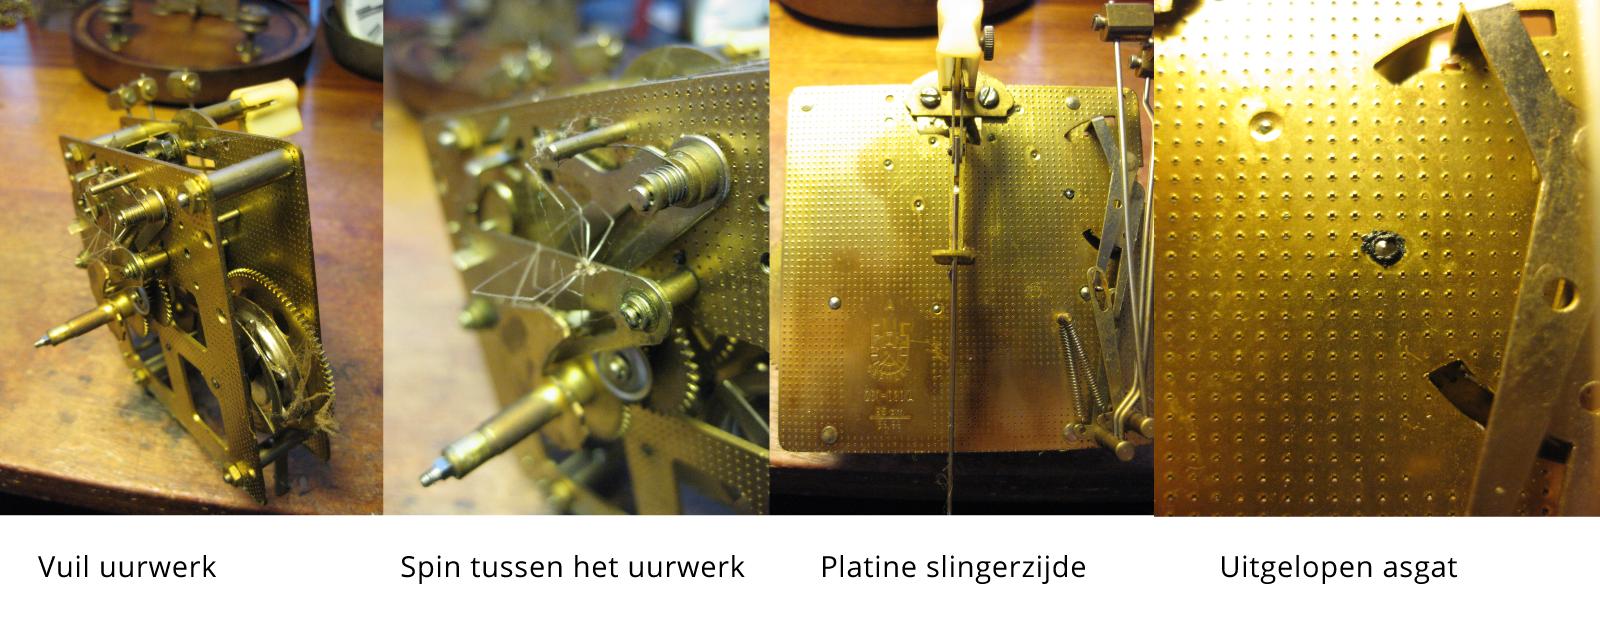 klokreparatie-stap-voor-stap-bij Wolters Juweliers Coevorden Emmen